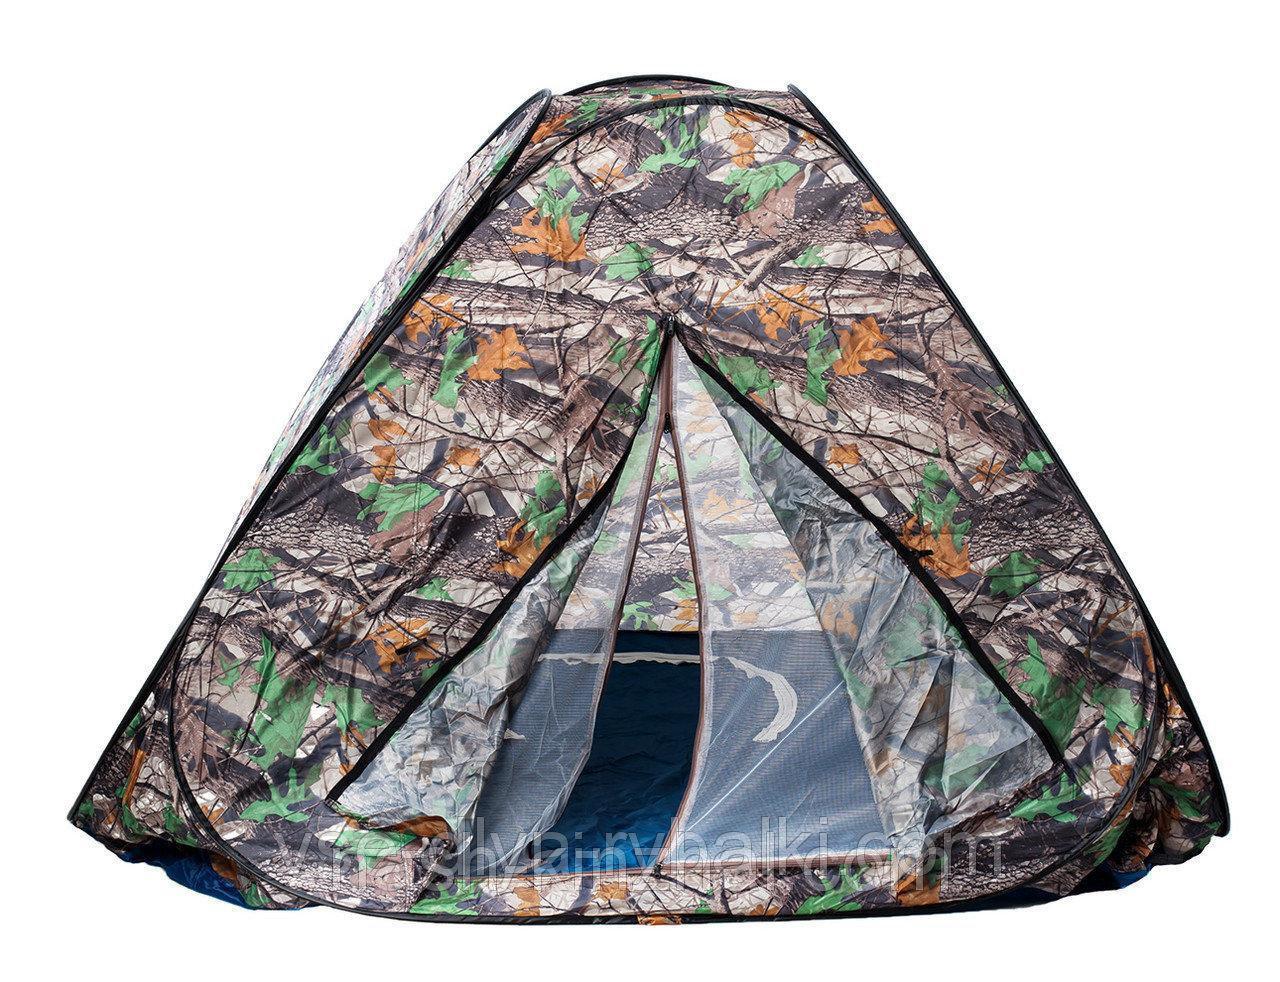 Палатка летняя автомат для туризма и рыбалки с москитной сеткой 2,3*2,3м.  Kaida